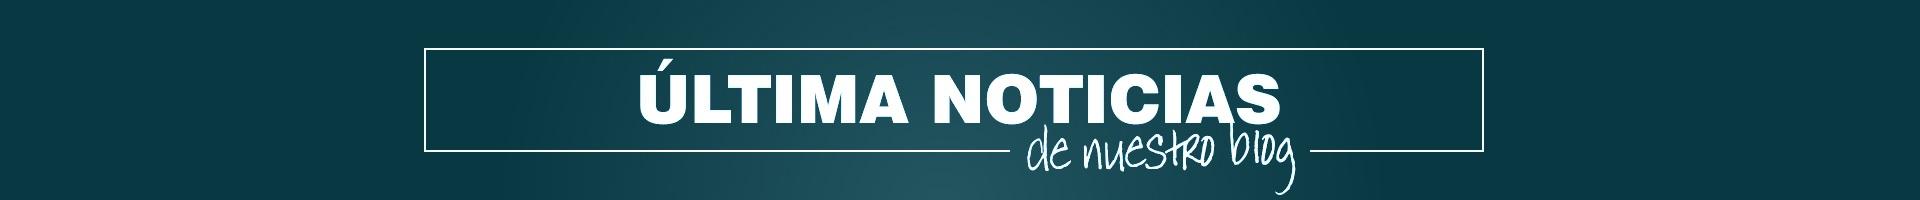 http://saboresmasquegolf.com/wp-content/uploads/2015/07/Bodas-Sabores-Mas-que-Golf-Snack-Bar-Olivar-Hinojosa-Enc%C3%ADn-Golf-Ultimas-NOticias.jpg